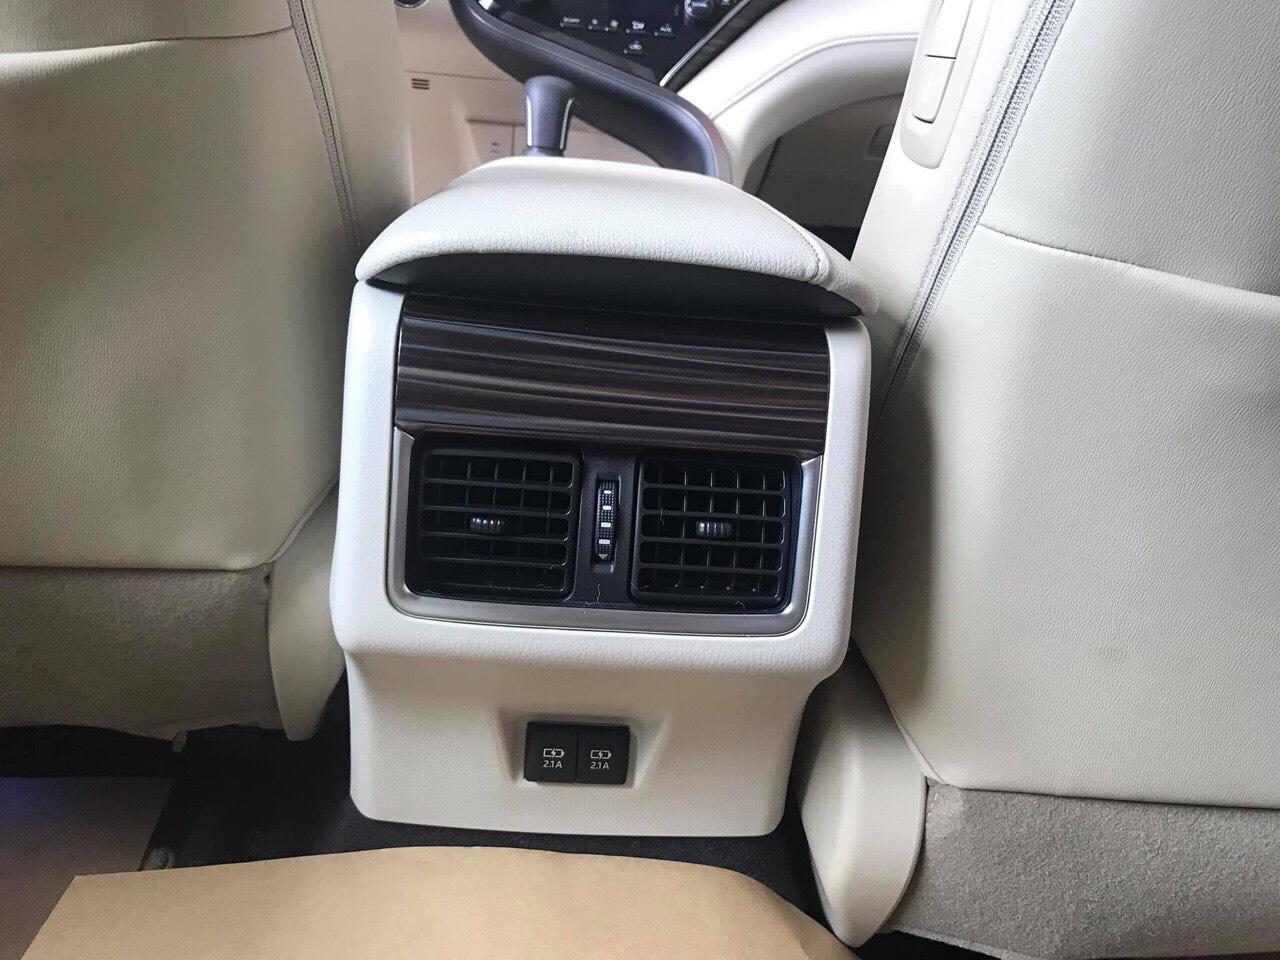 Toyota Camry 2.5Q ảnh 11 - Camry 2.5Q [hienthinam]: giá xe và khuyến mãi tháng [hienthithang]